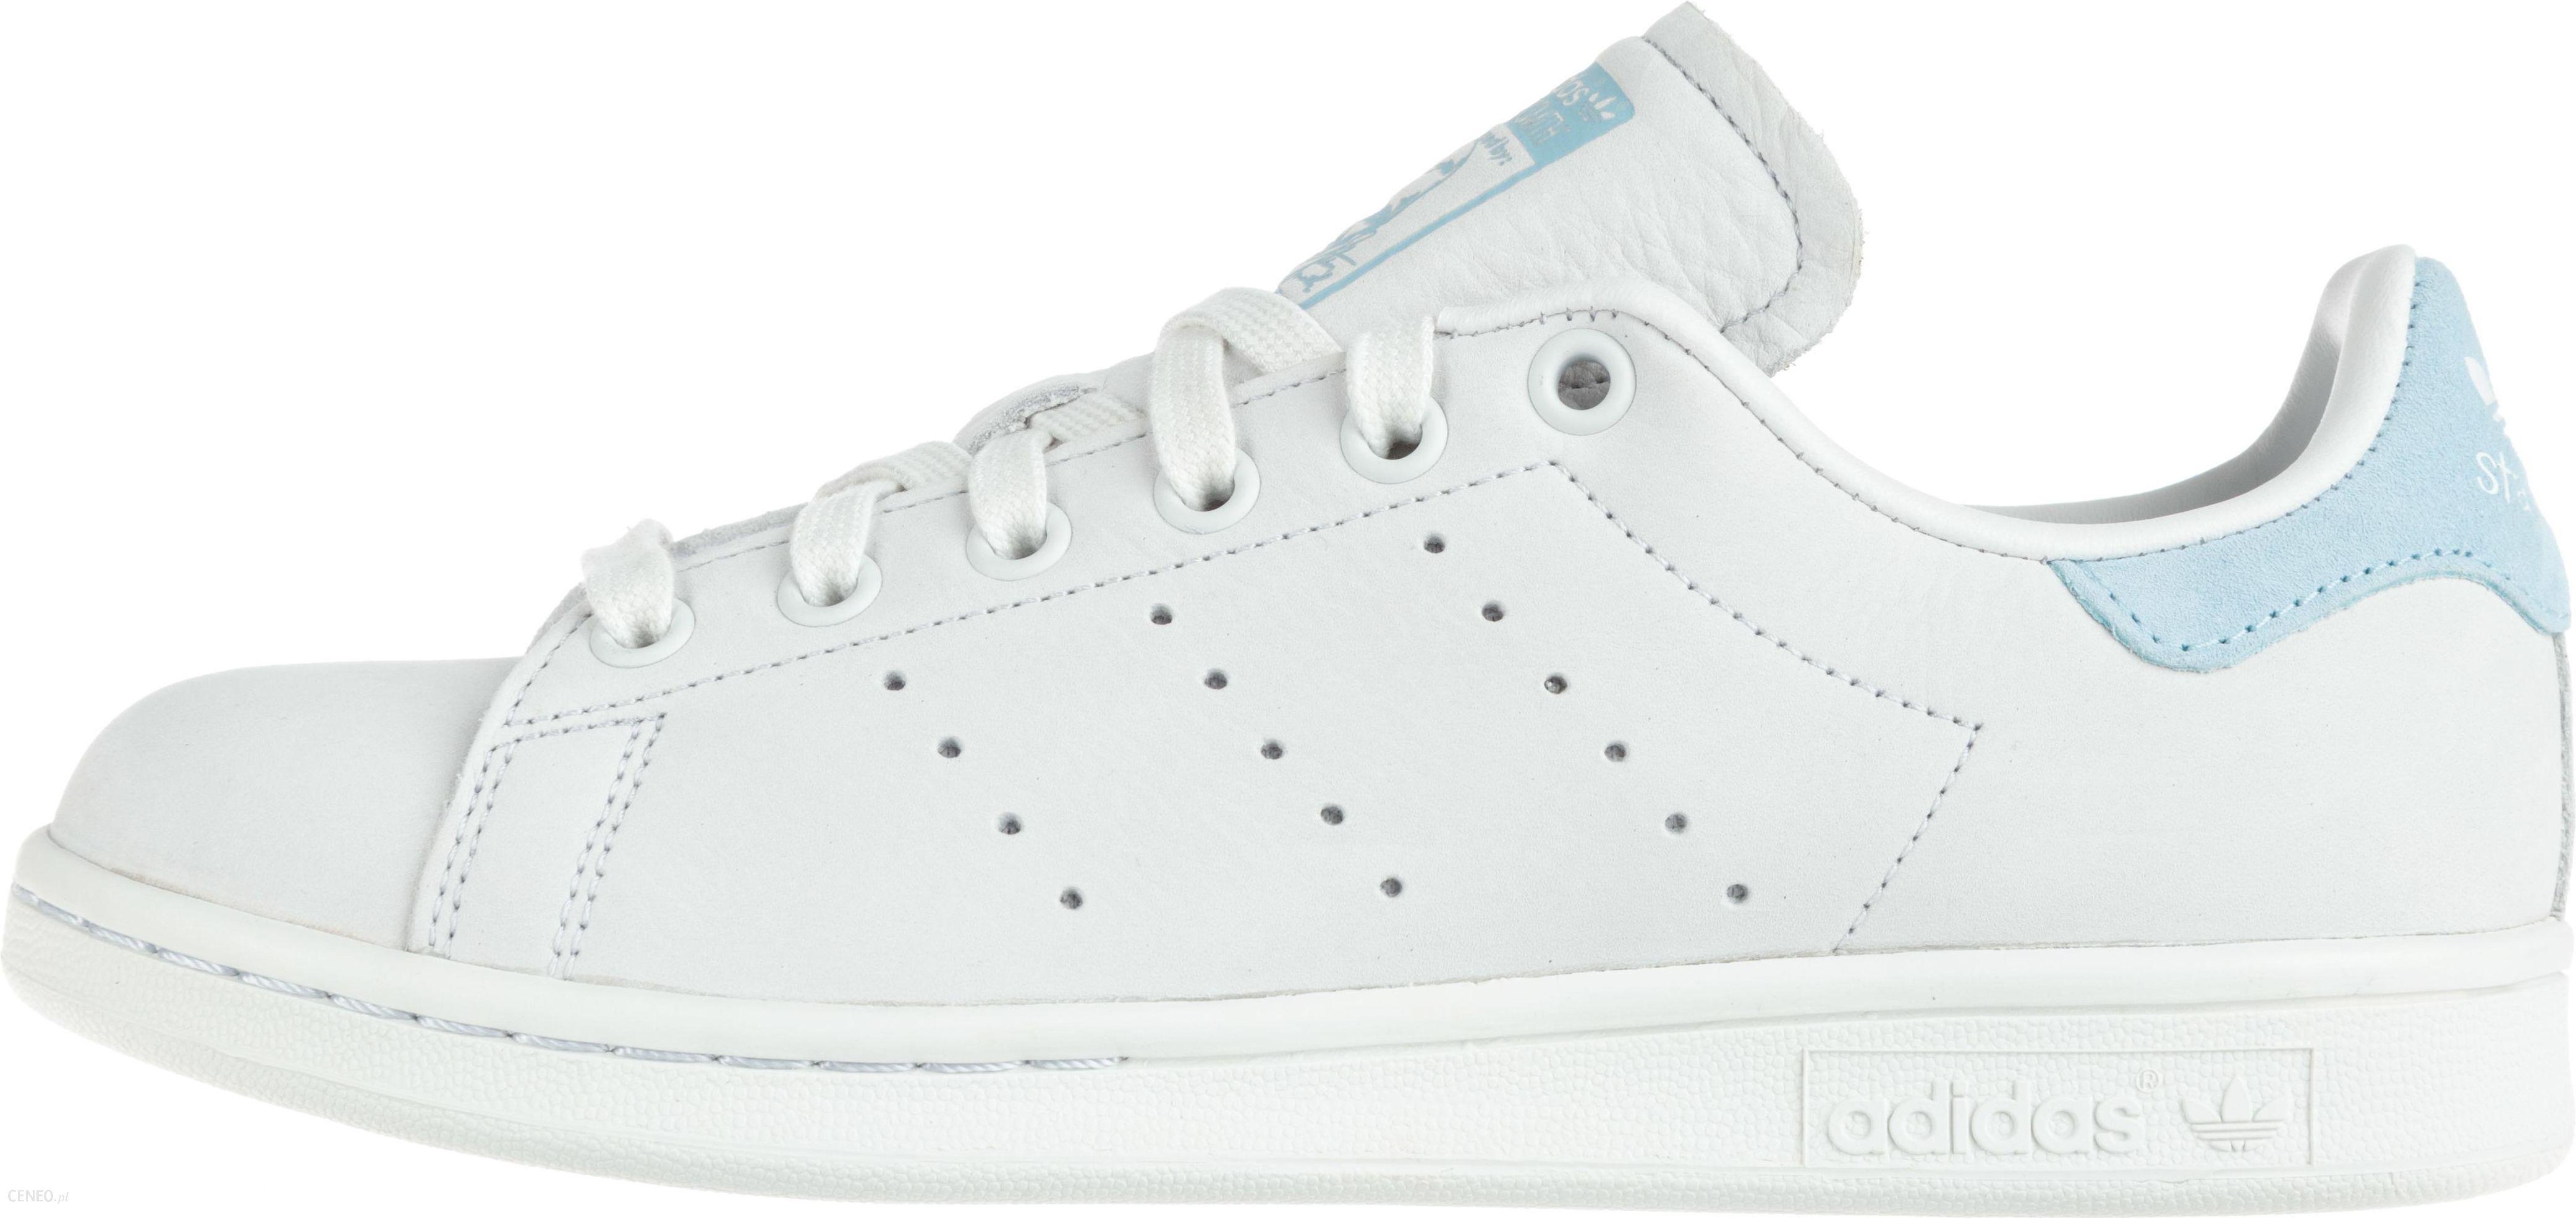 Adidas Originals Stan Smith Tenisówki Biały 38 23 Ceny i opinie Ceneo.pl